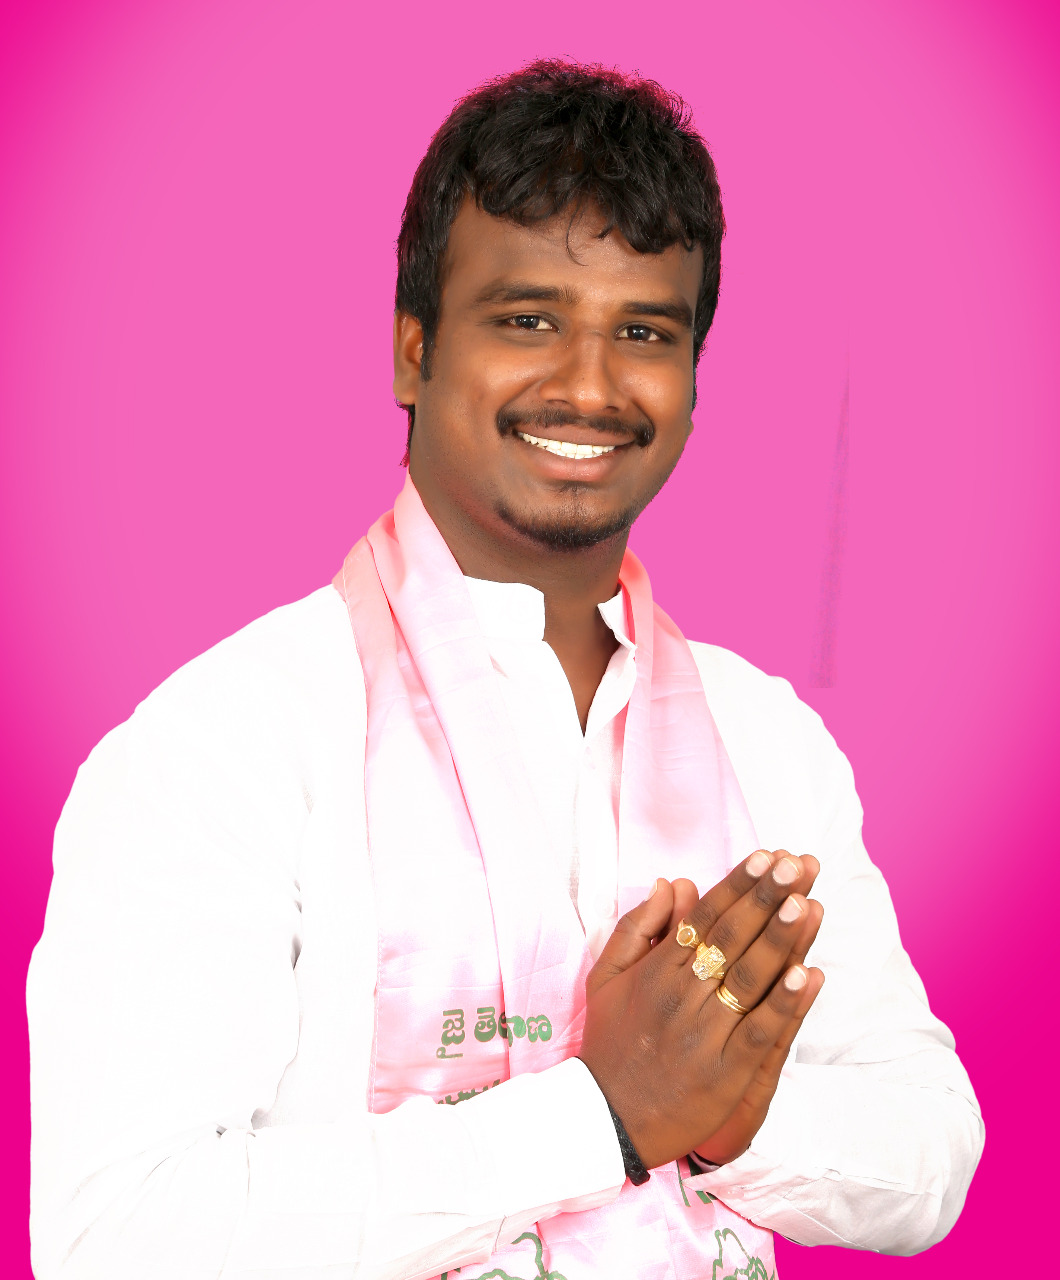 Musthyala Dayakar Mudhiraj